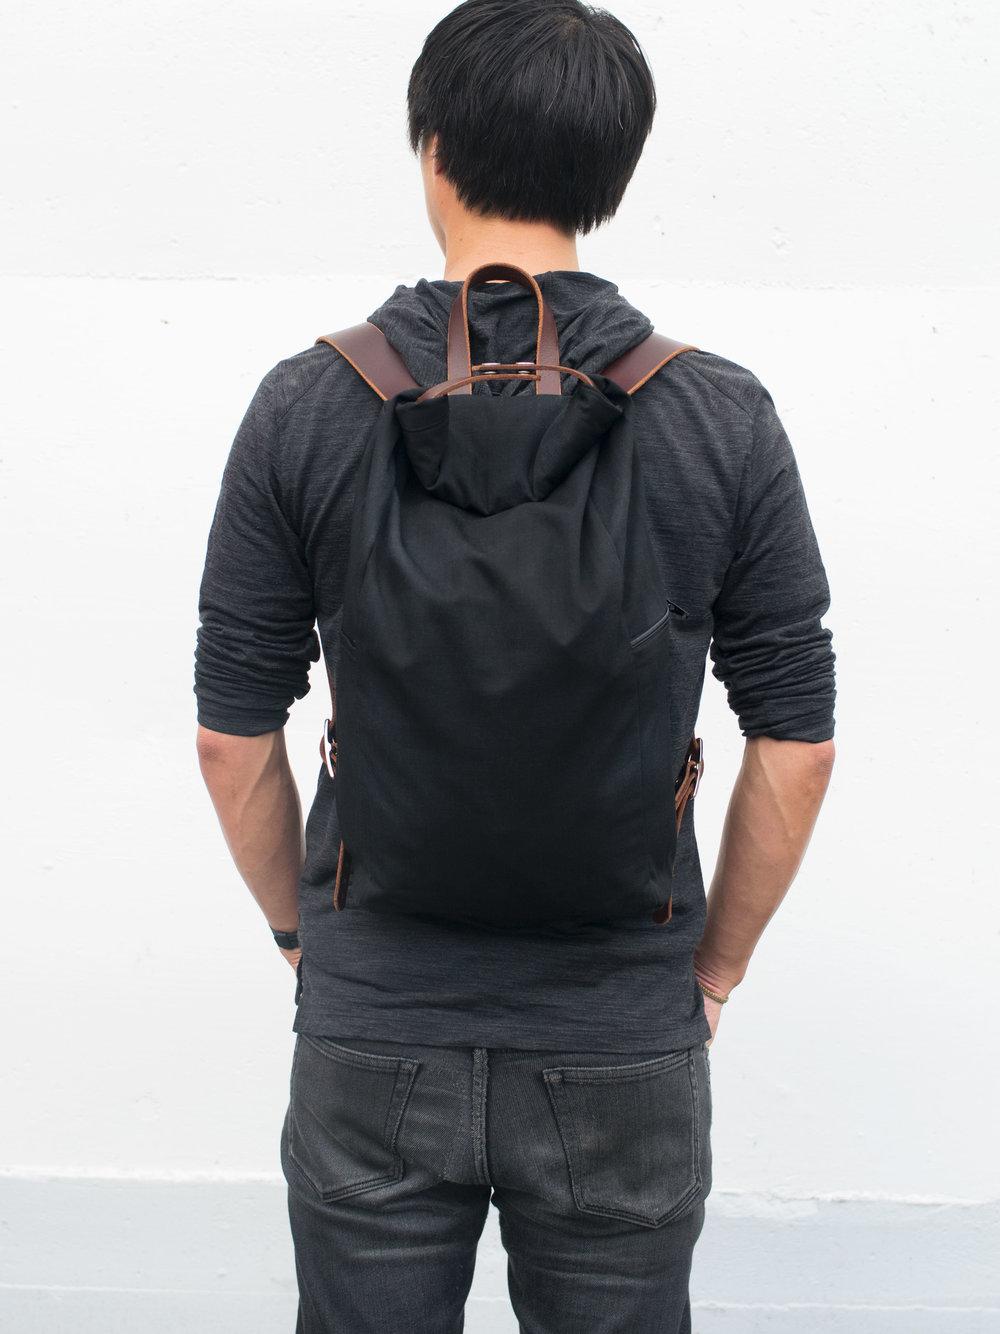 bag-infront-wall.jpg